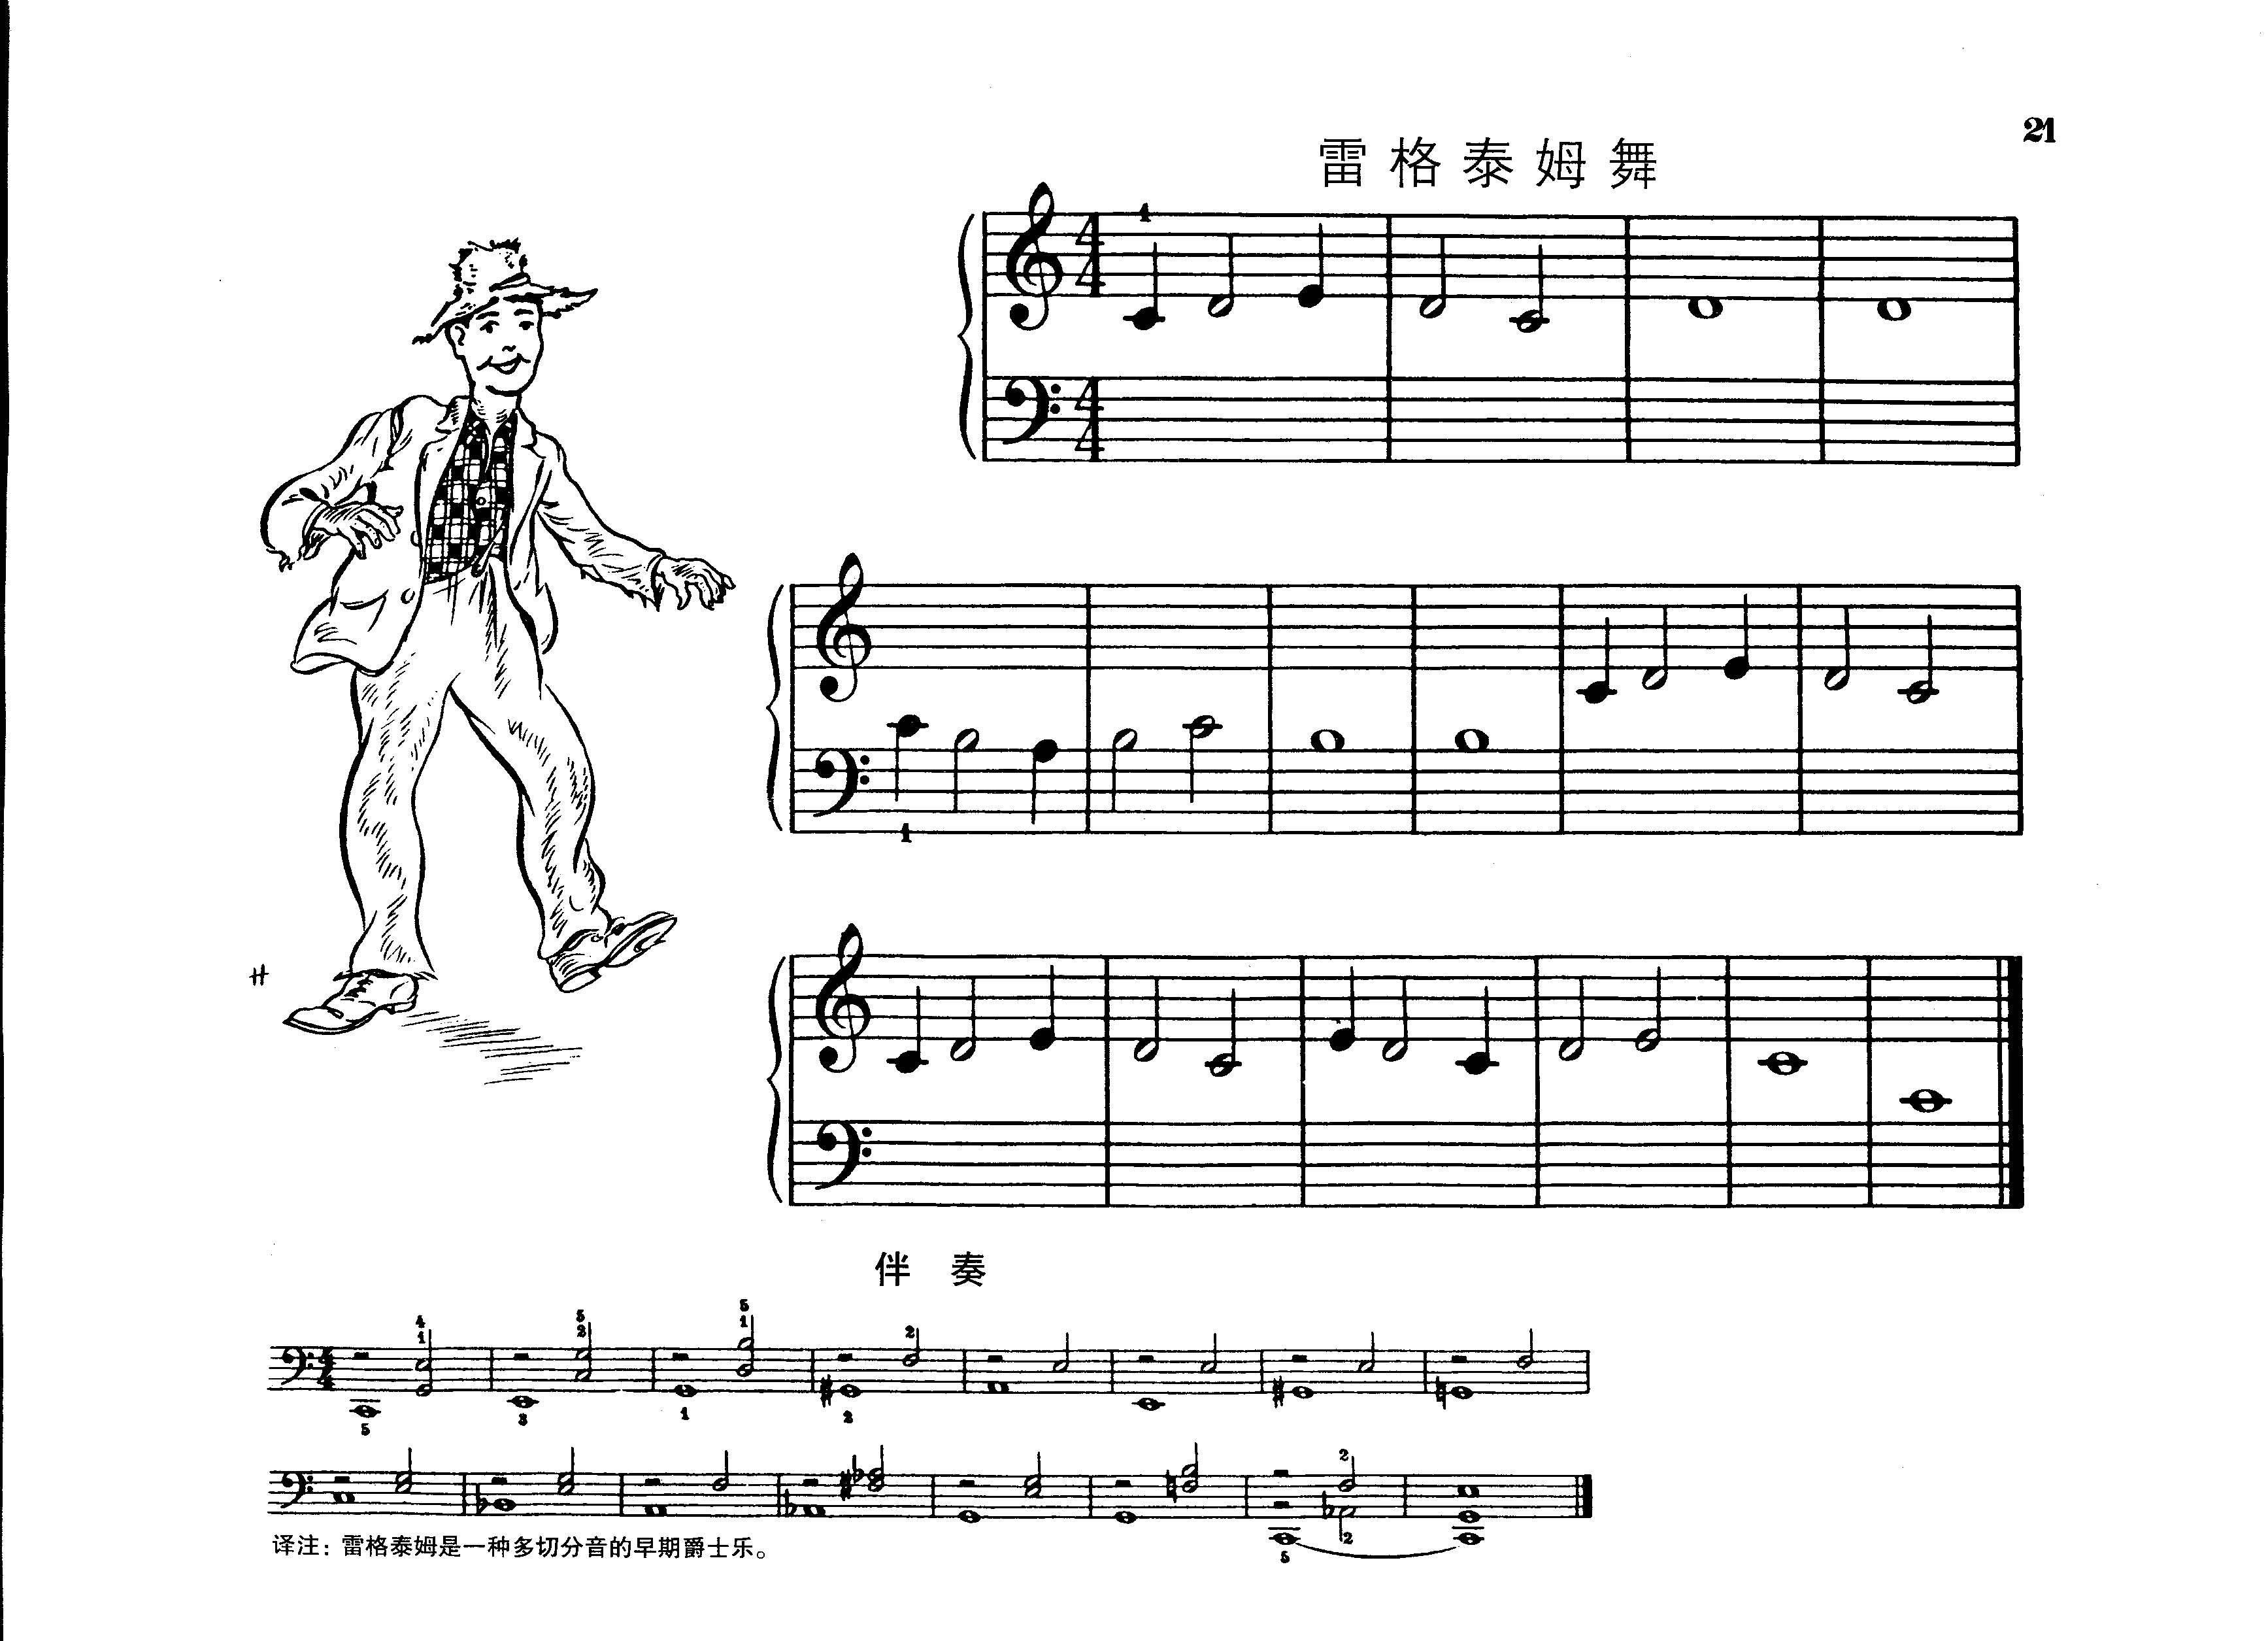 汤普森简易钢琴教程1图片